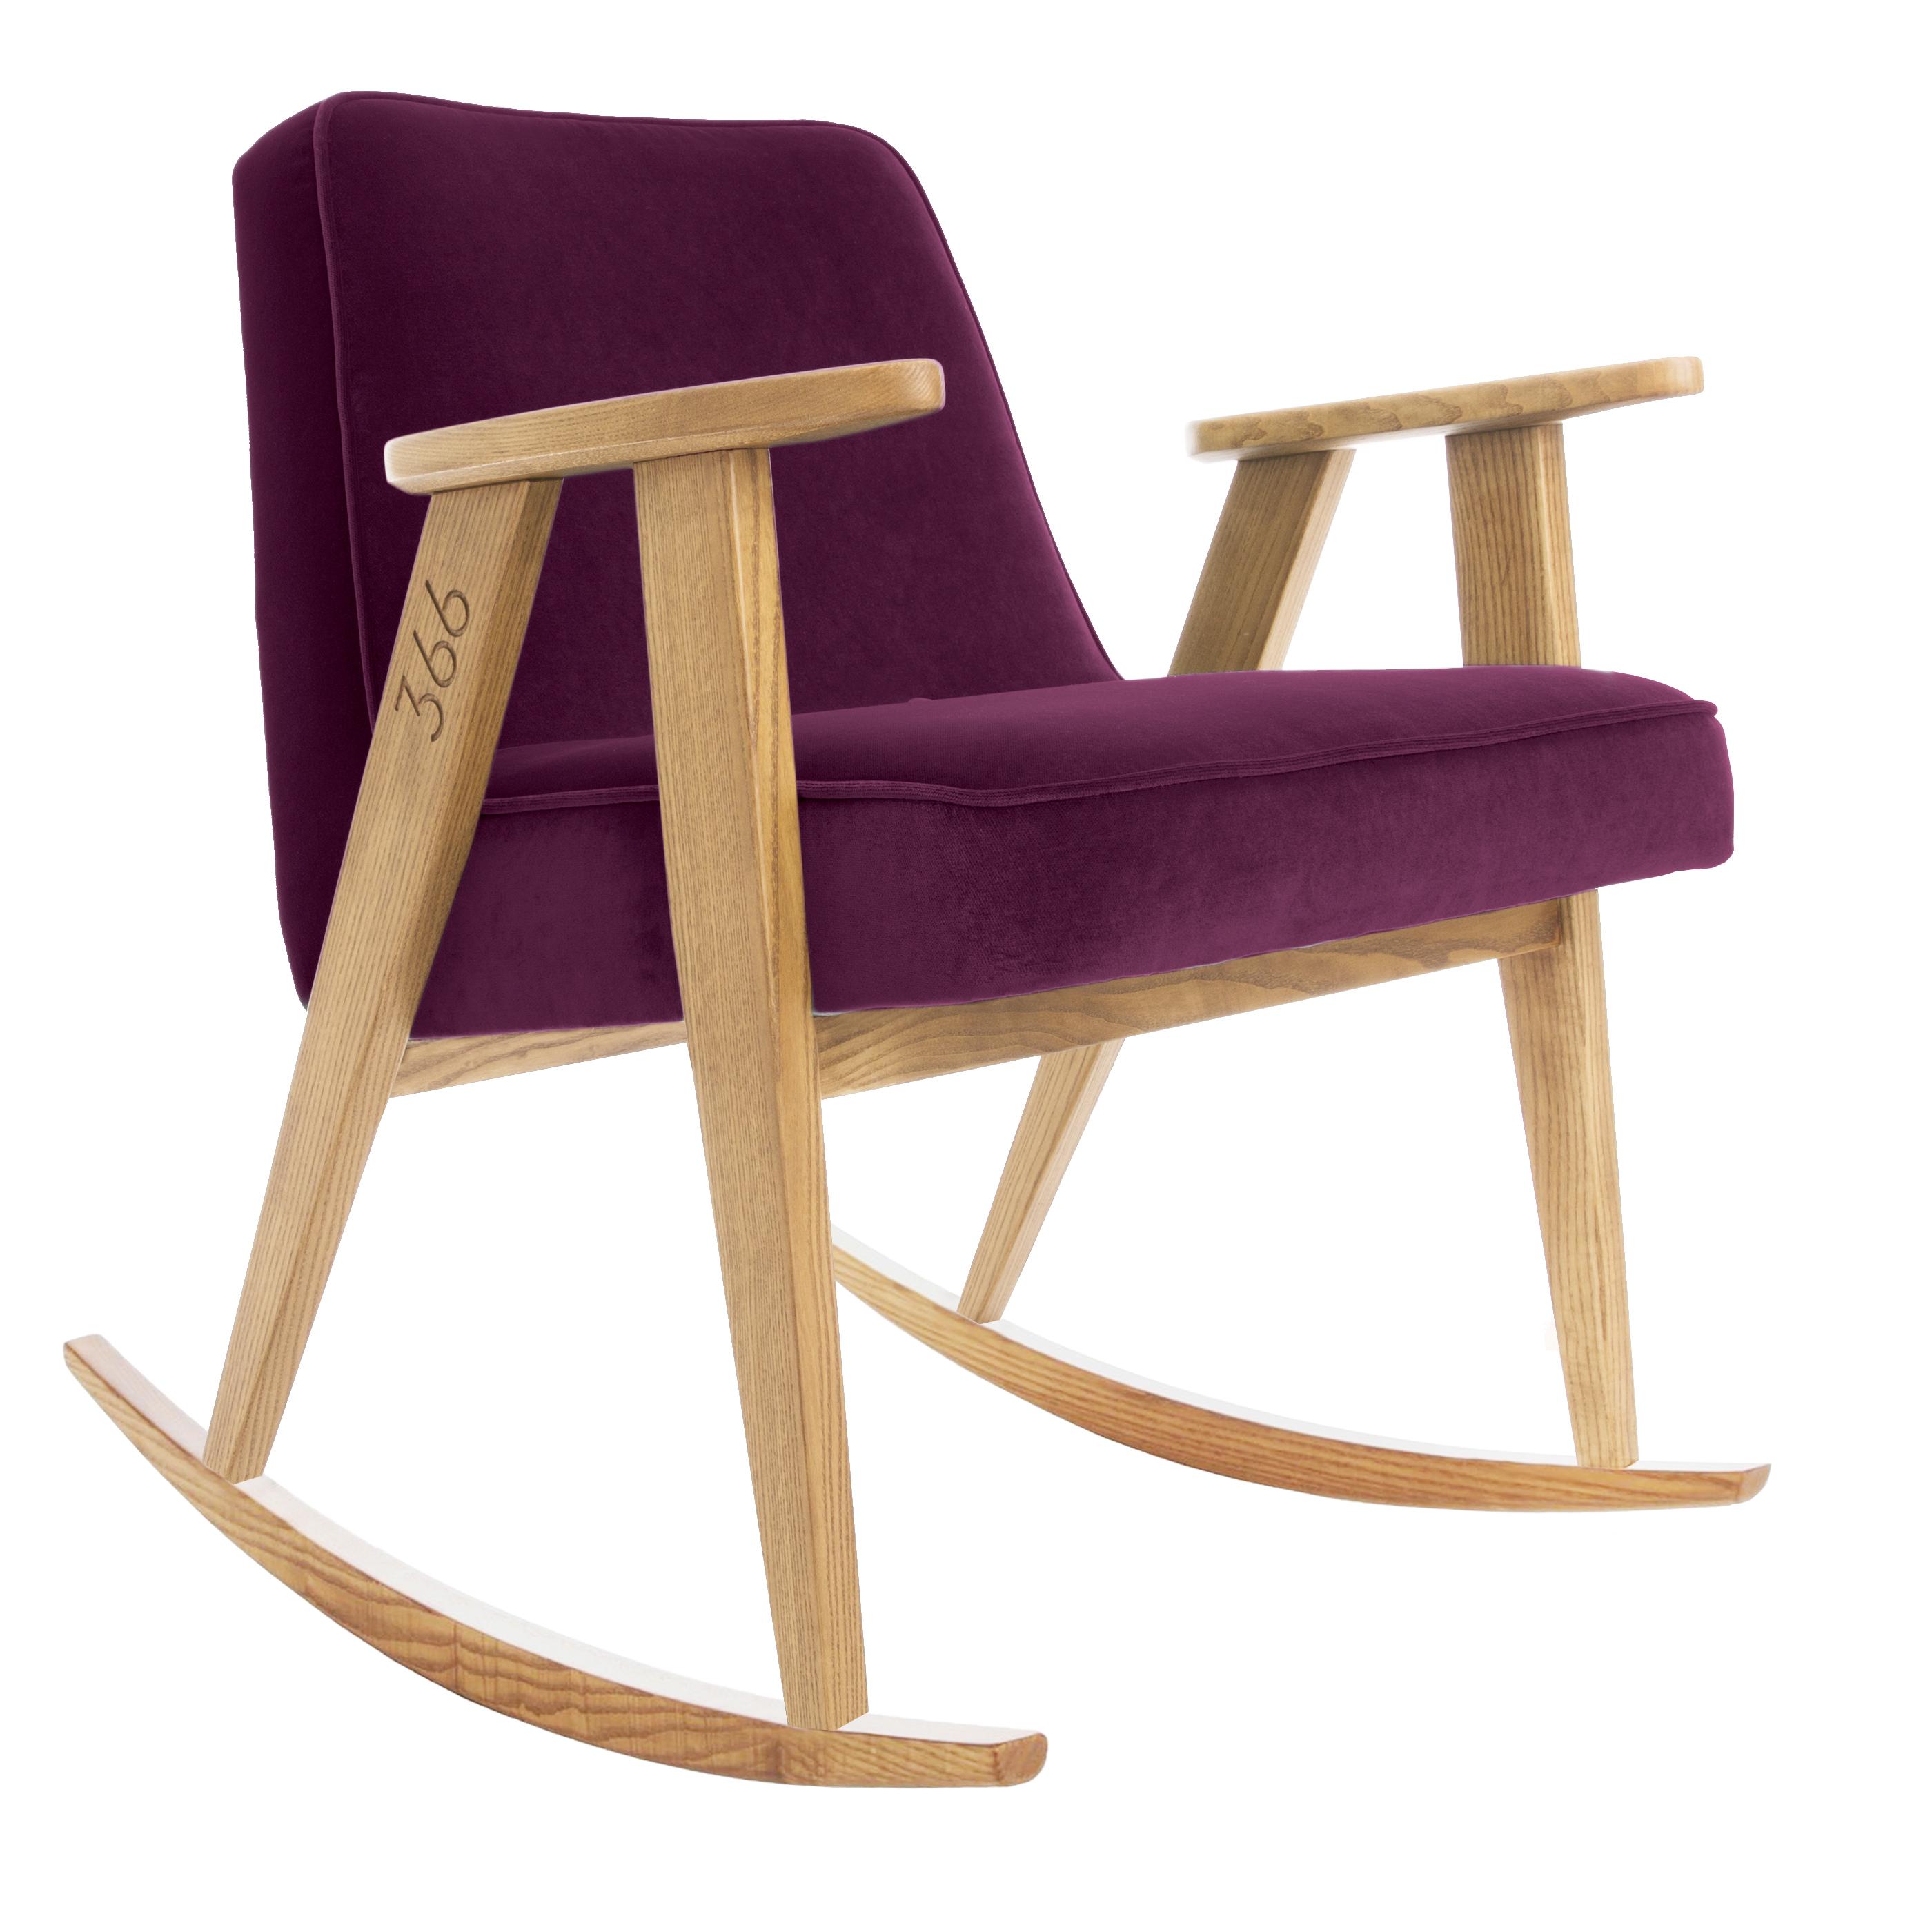 sessel, mobel, wohnen, LOUNGE SESSEL FOX I LOFT - 366 Concept   366 rocking chair   Velvet 14 Aubergine   Oak